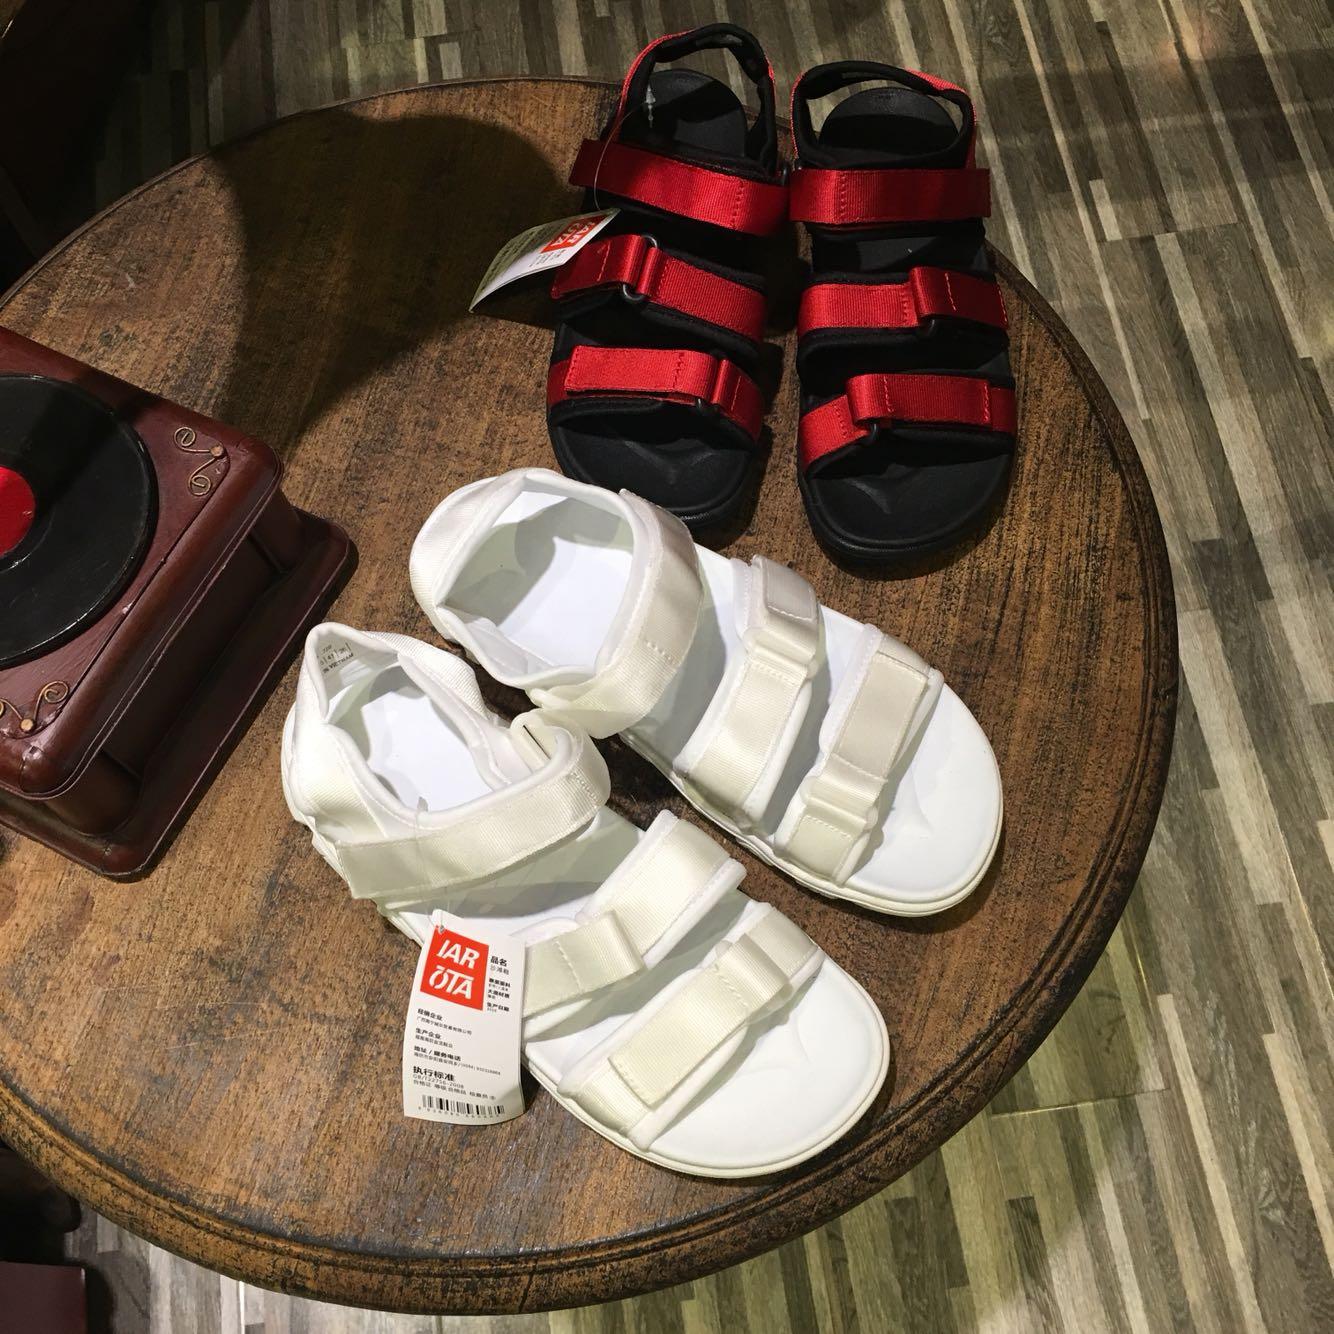 新款情侣鞋越南女厚底男女凉鞋罗马布带学生沙滩鞋防滑大码女鞋